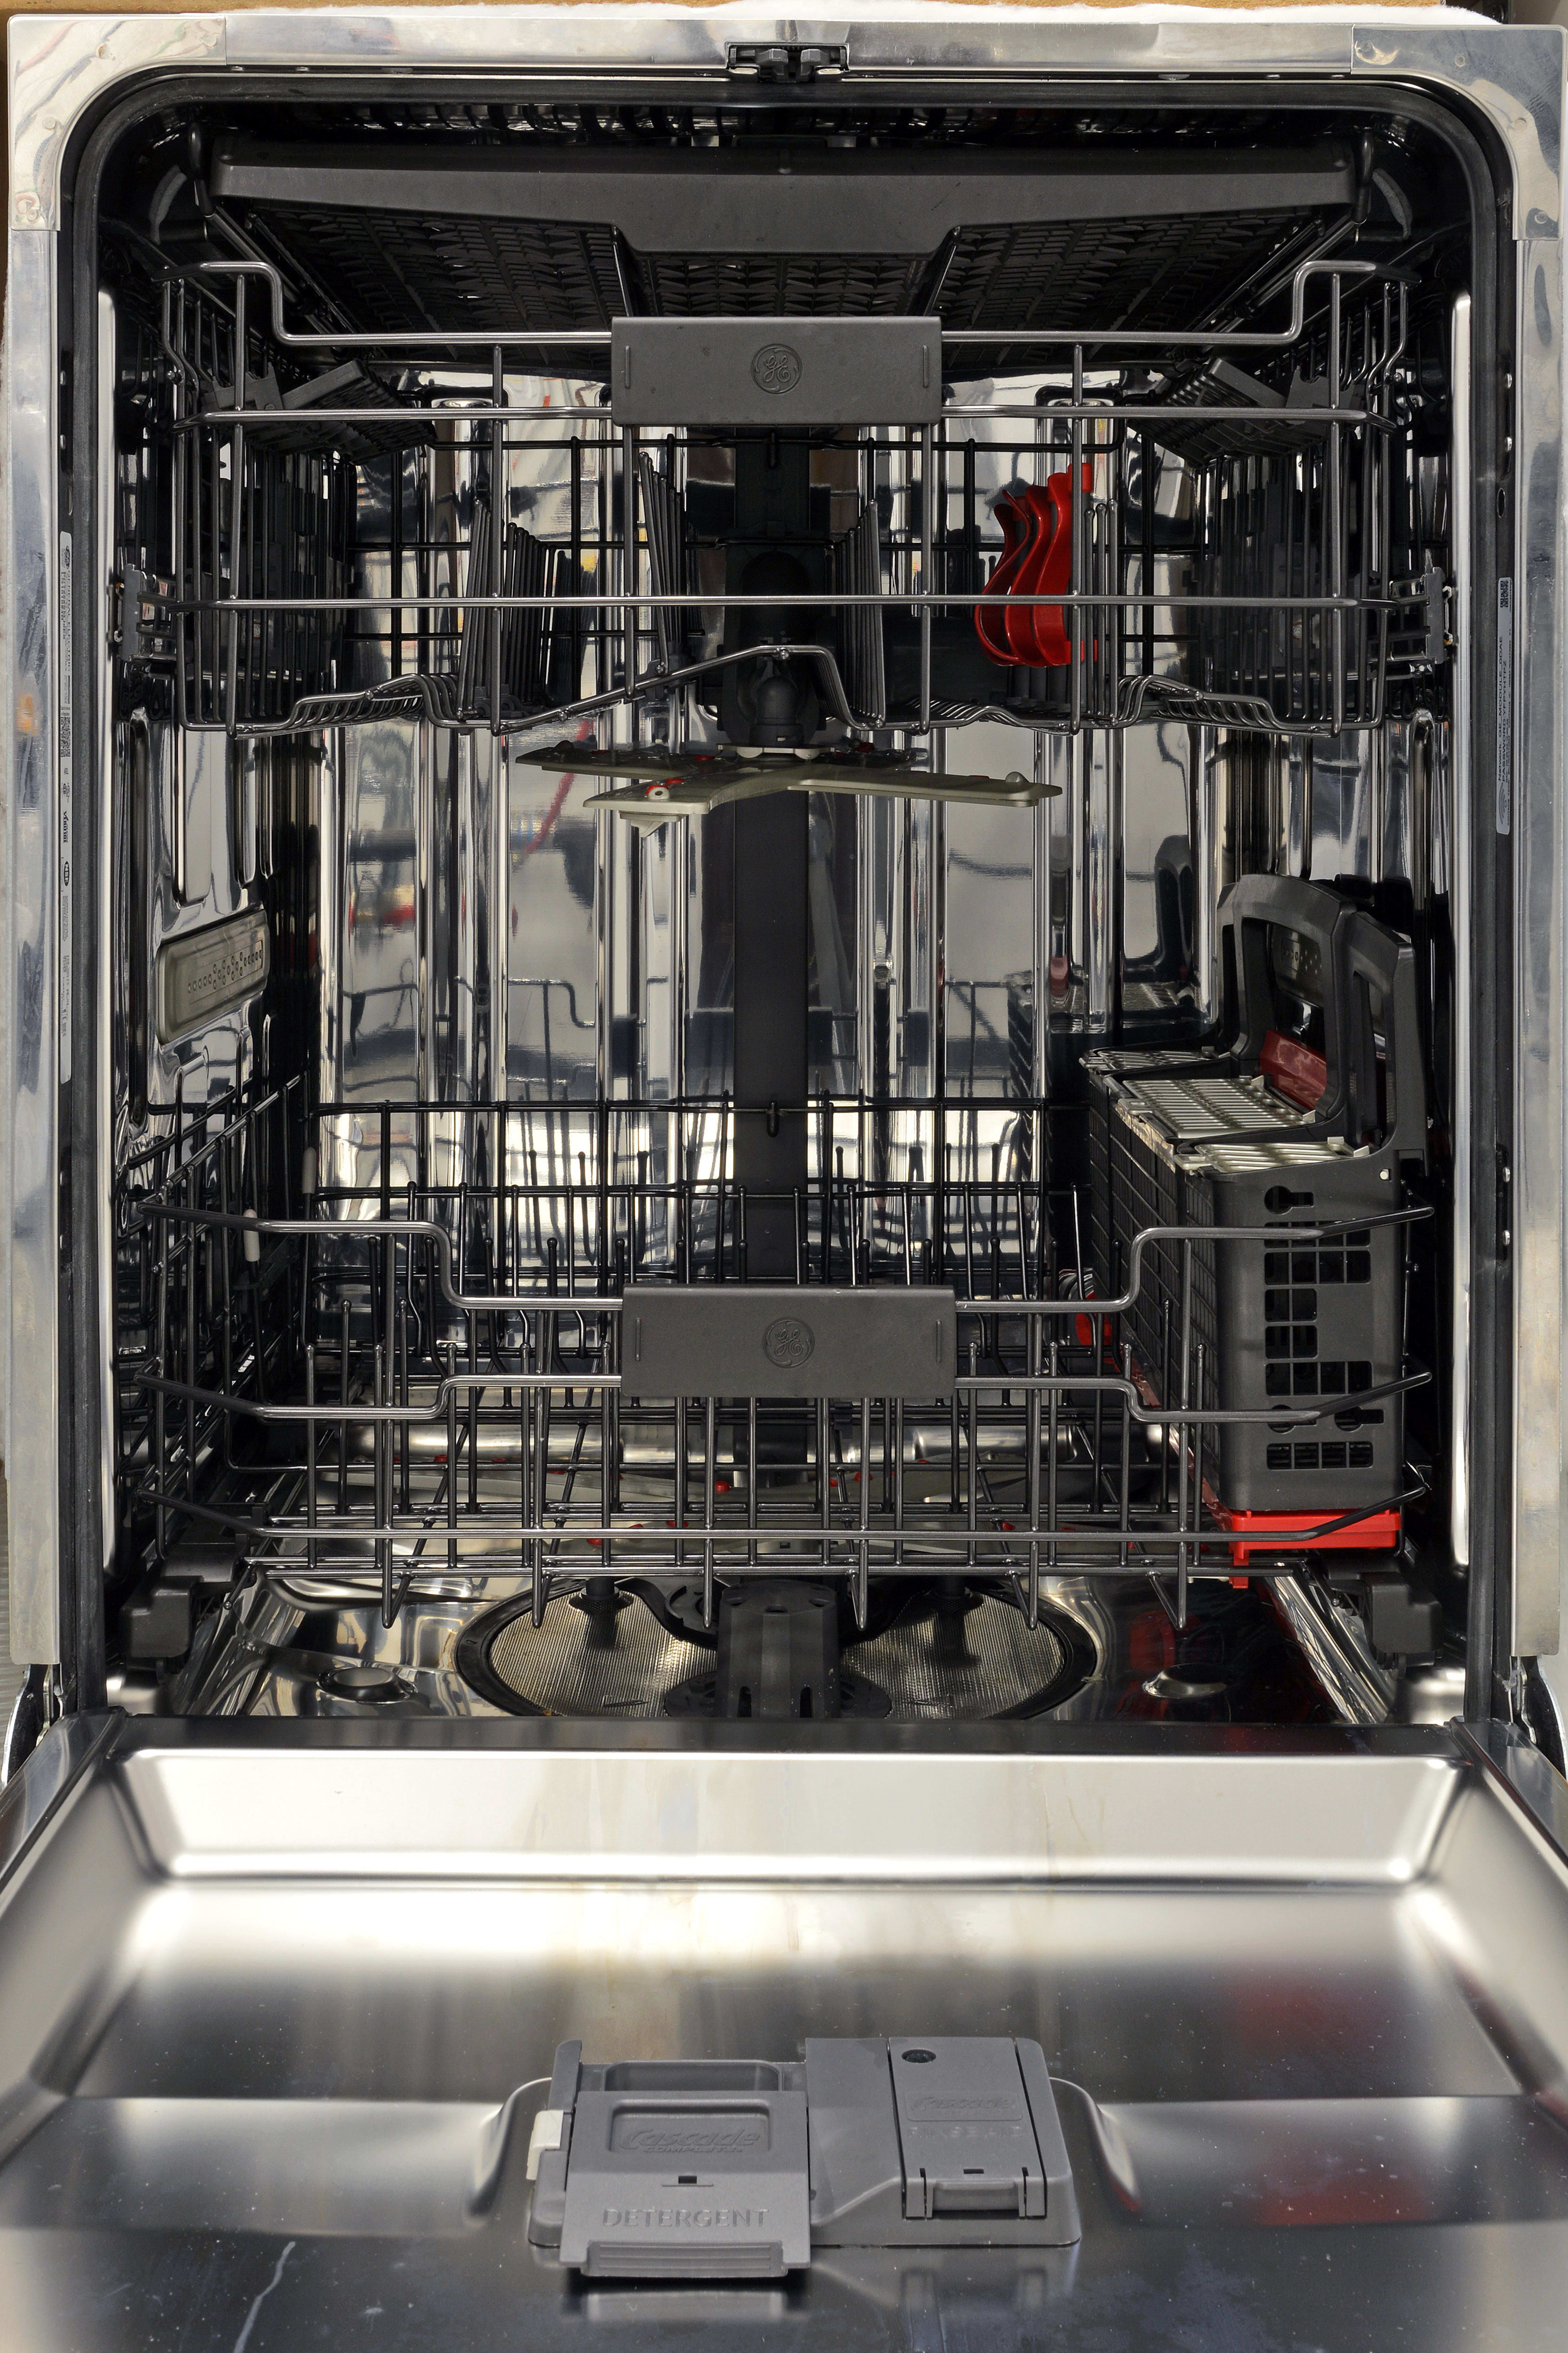 ge profile pdt855ssjss pdt855sijii pdt855sjmjes series dishwasher review dishwashers. Black Bedroom Furniture Sets. Home Design Ideas